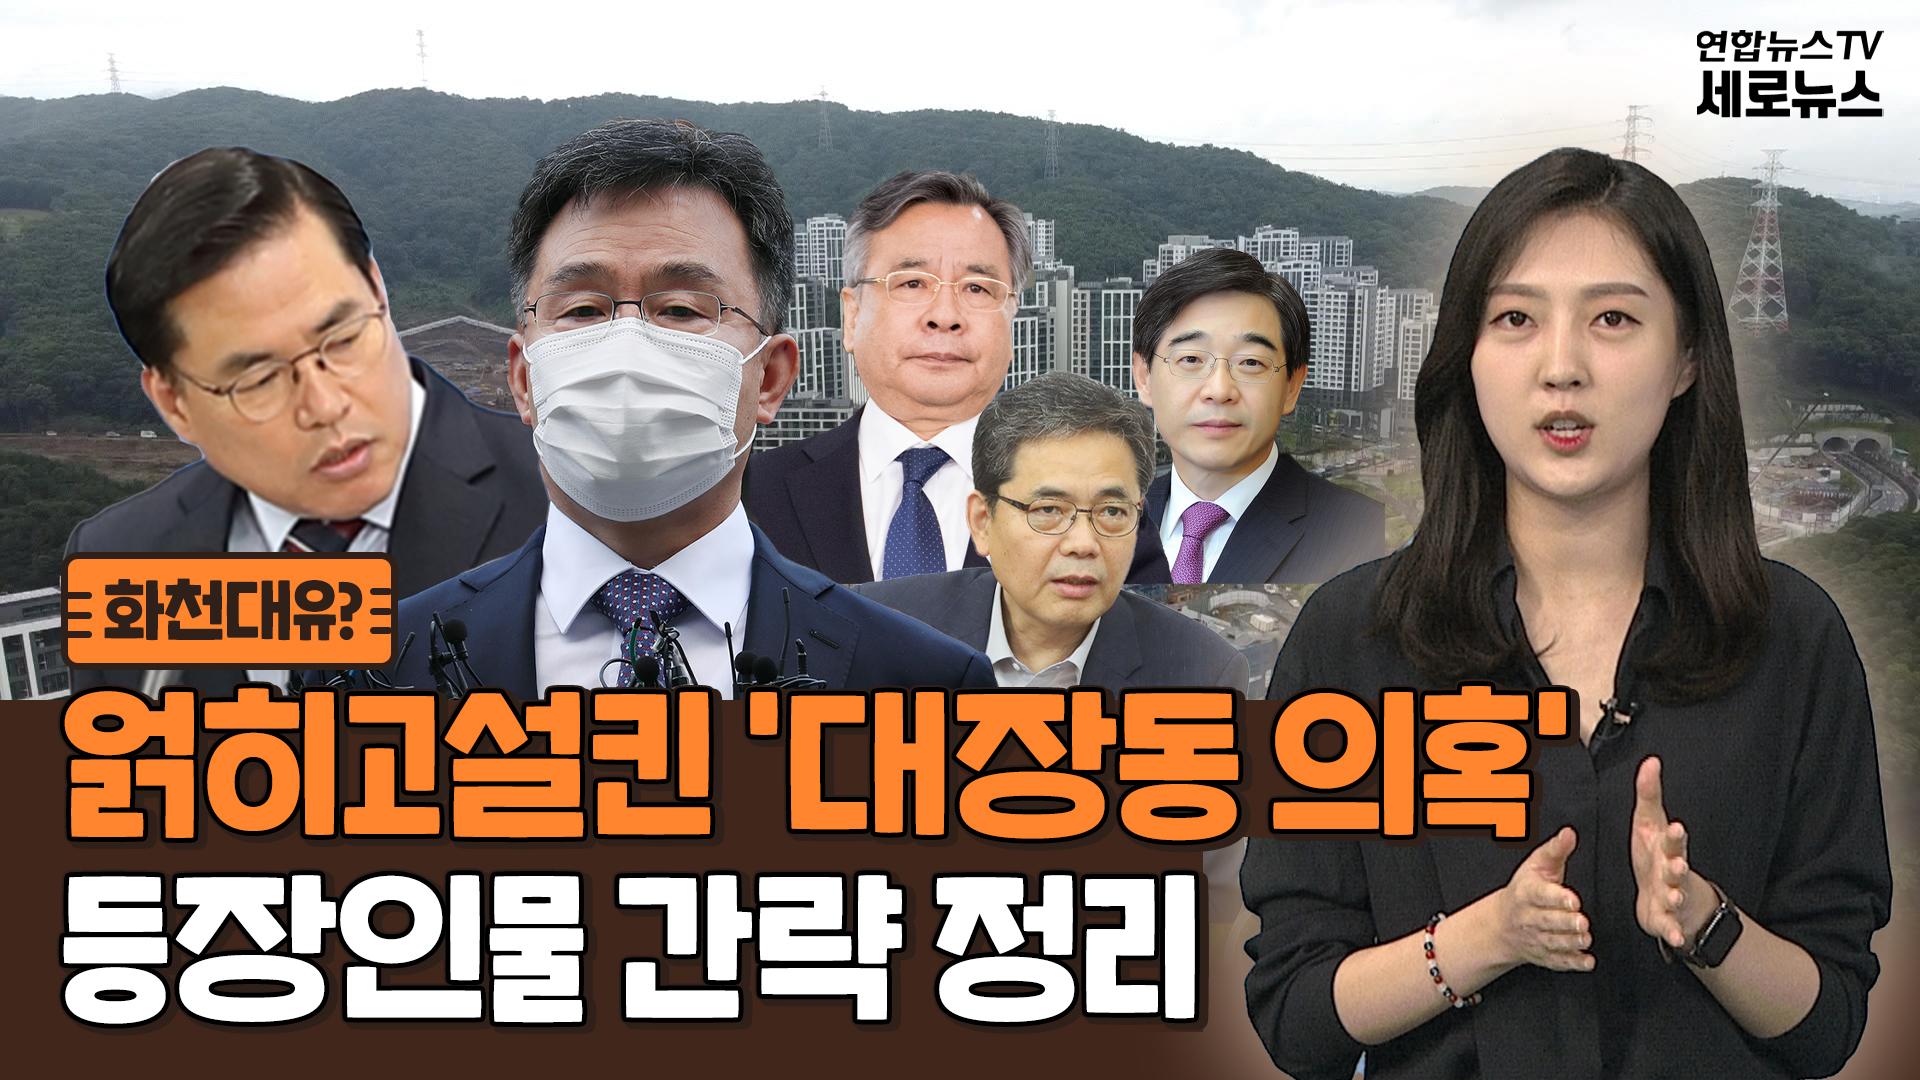 [세로뉴스] 얽히고설킨 '대장동 의혹'…등장인물 간략 정리